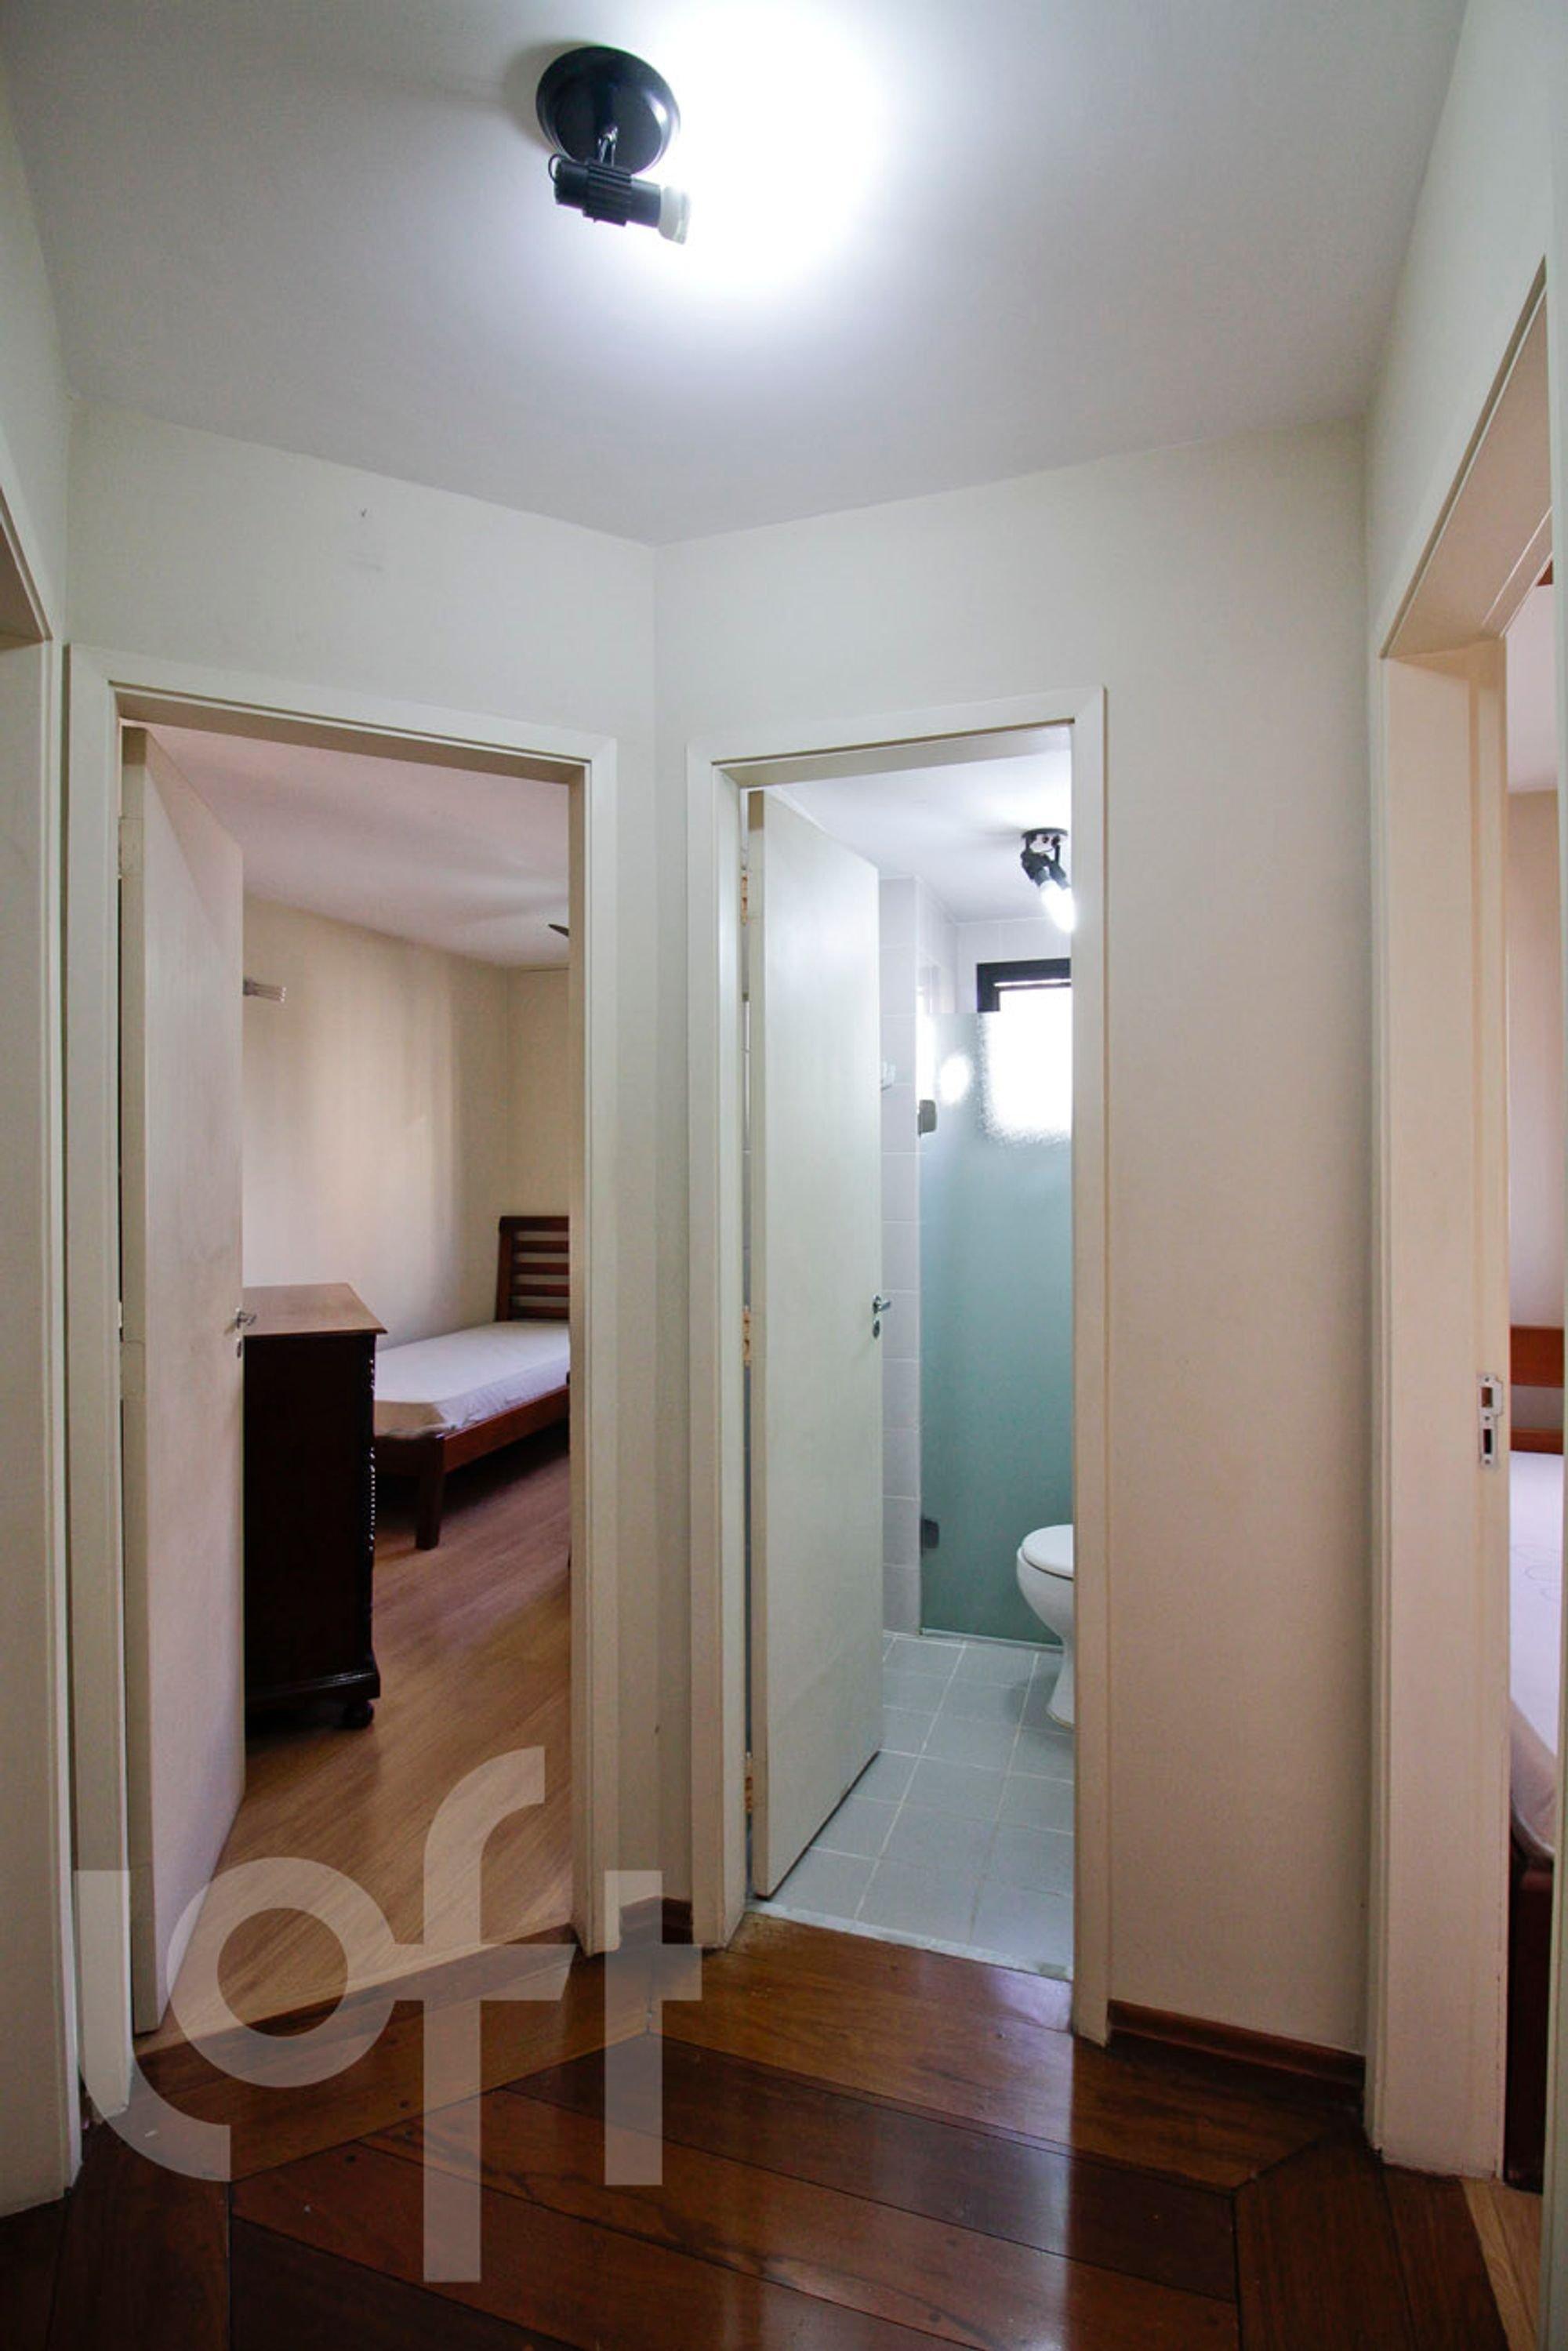 Foto de Hall com cama, vaso sanitário